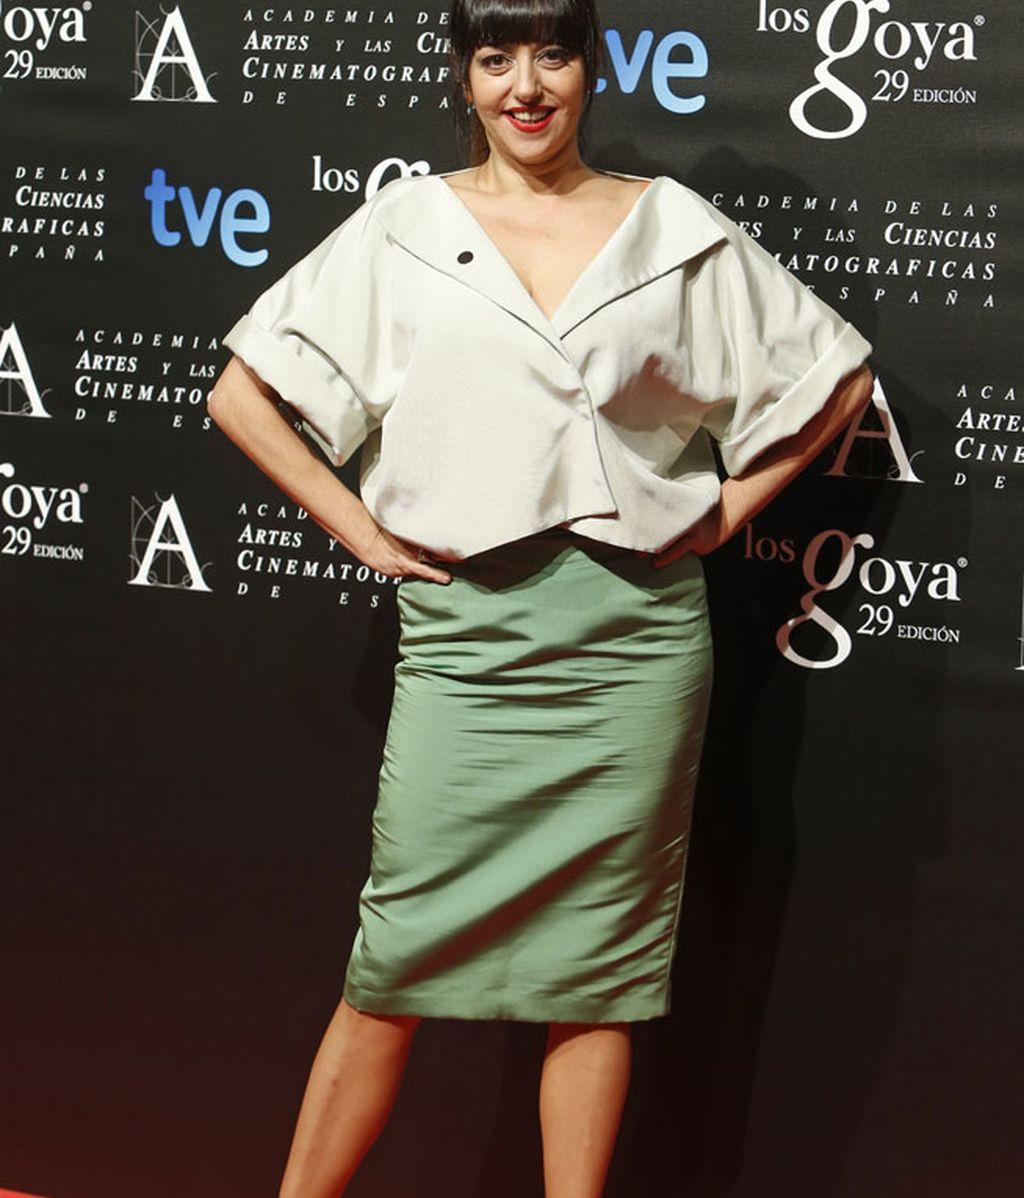 Yolanda Ramos, nominada a actriz revelación, con falda verde y maxi blusa